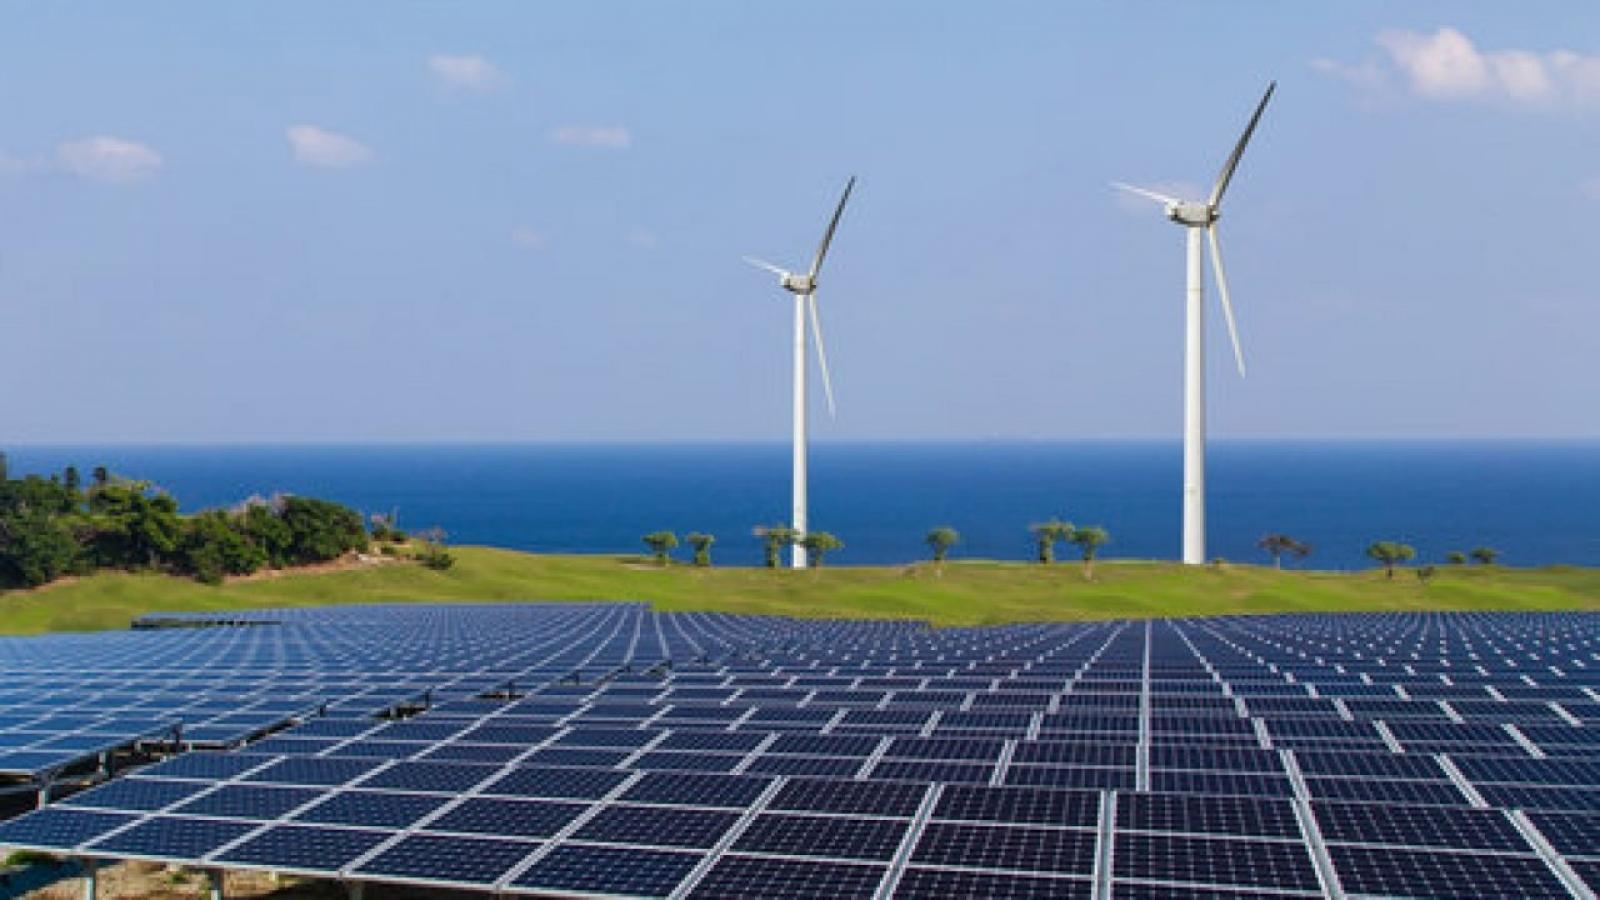 Bí quyết giúp Australia phát triển năng lượng tái tạo